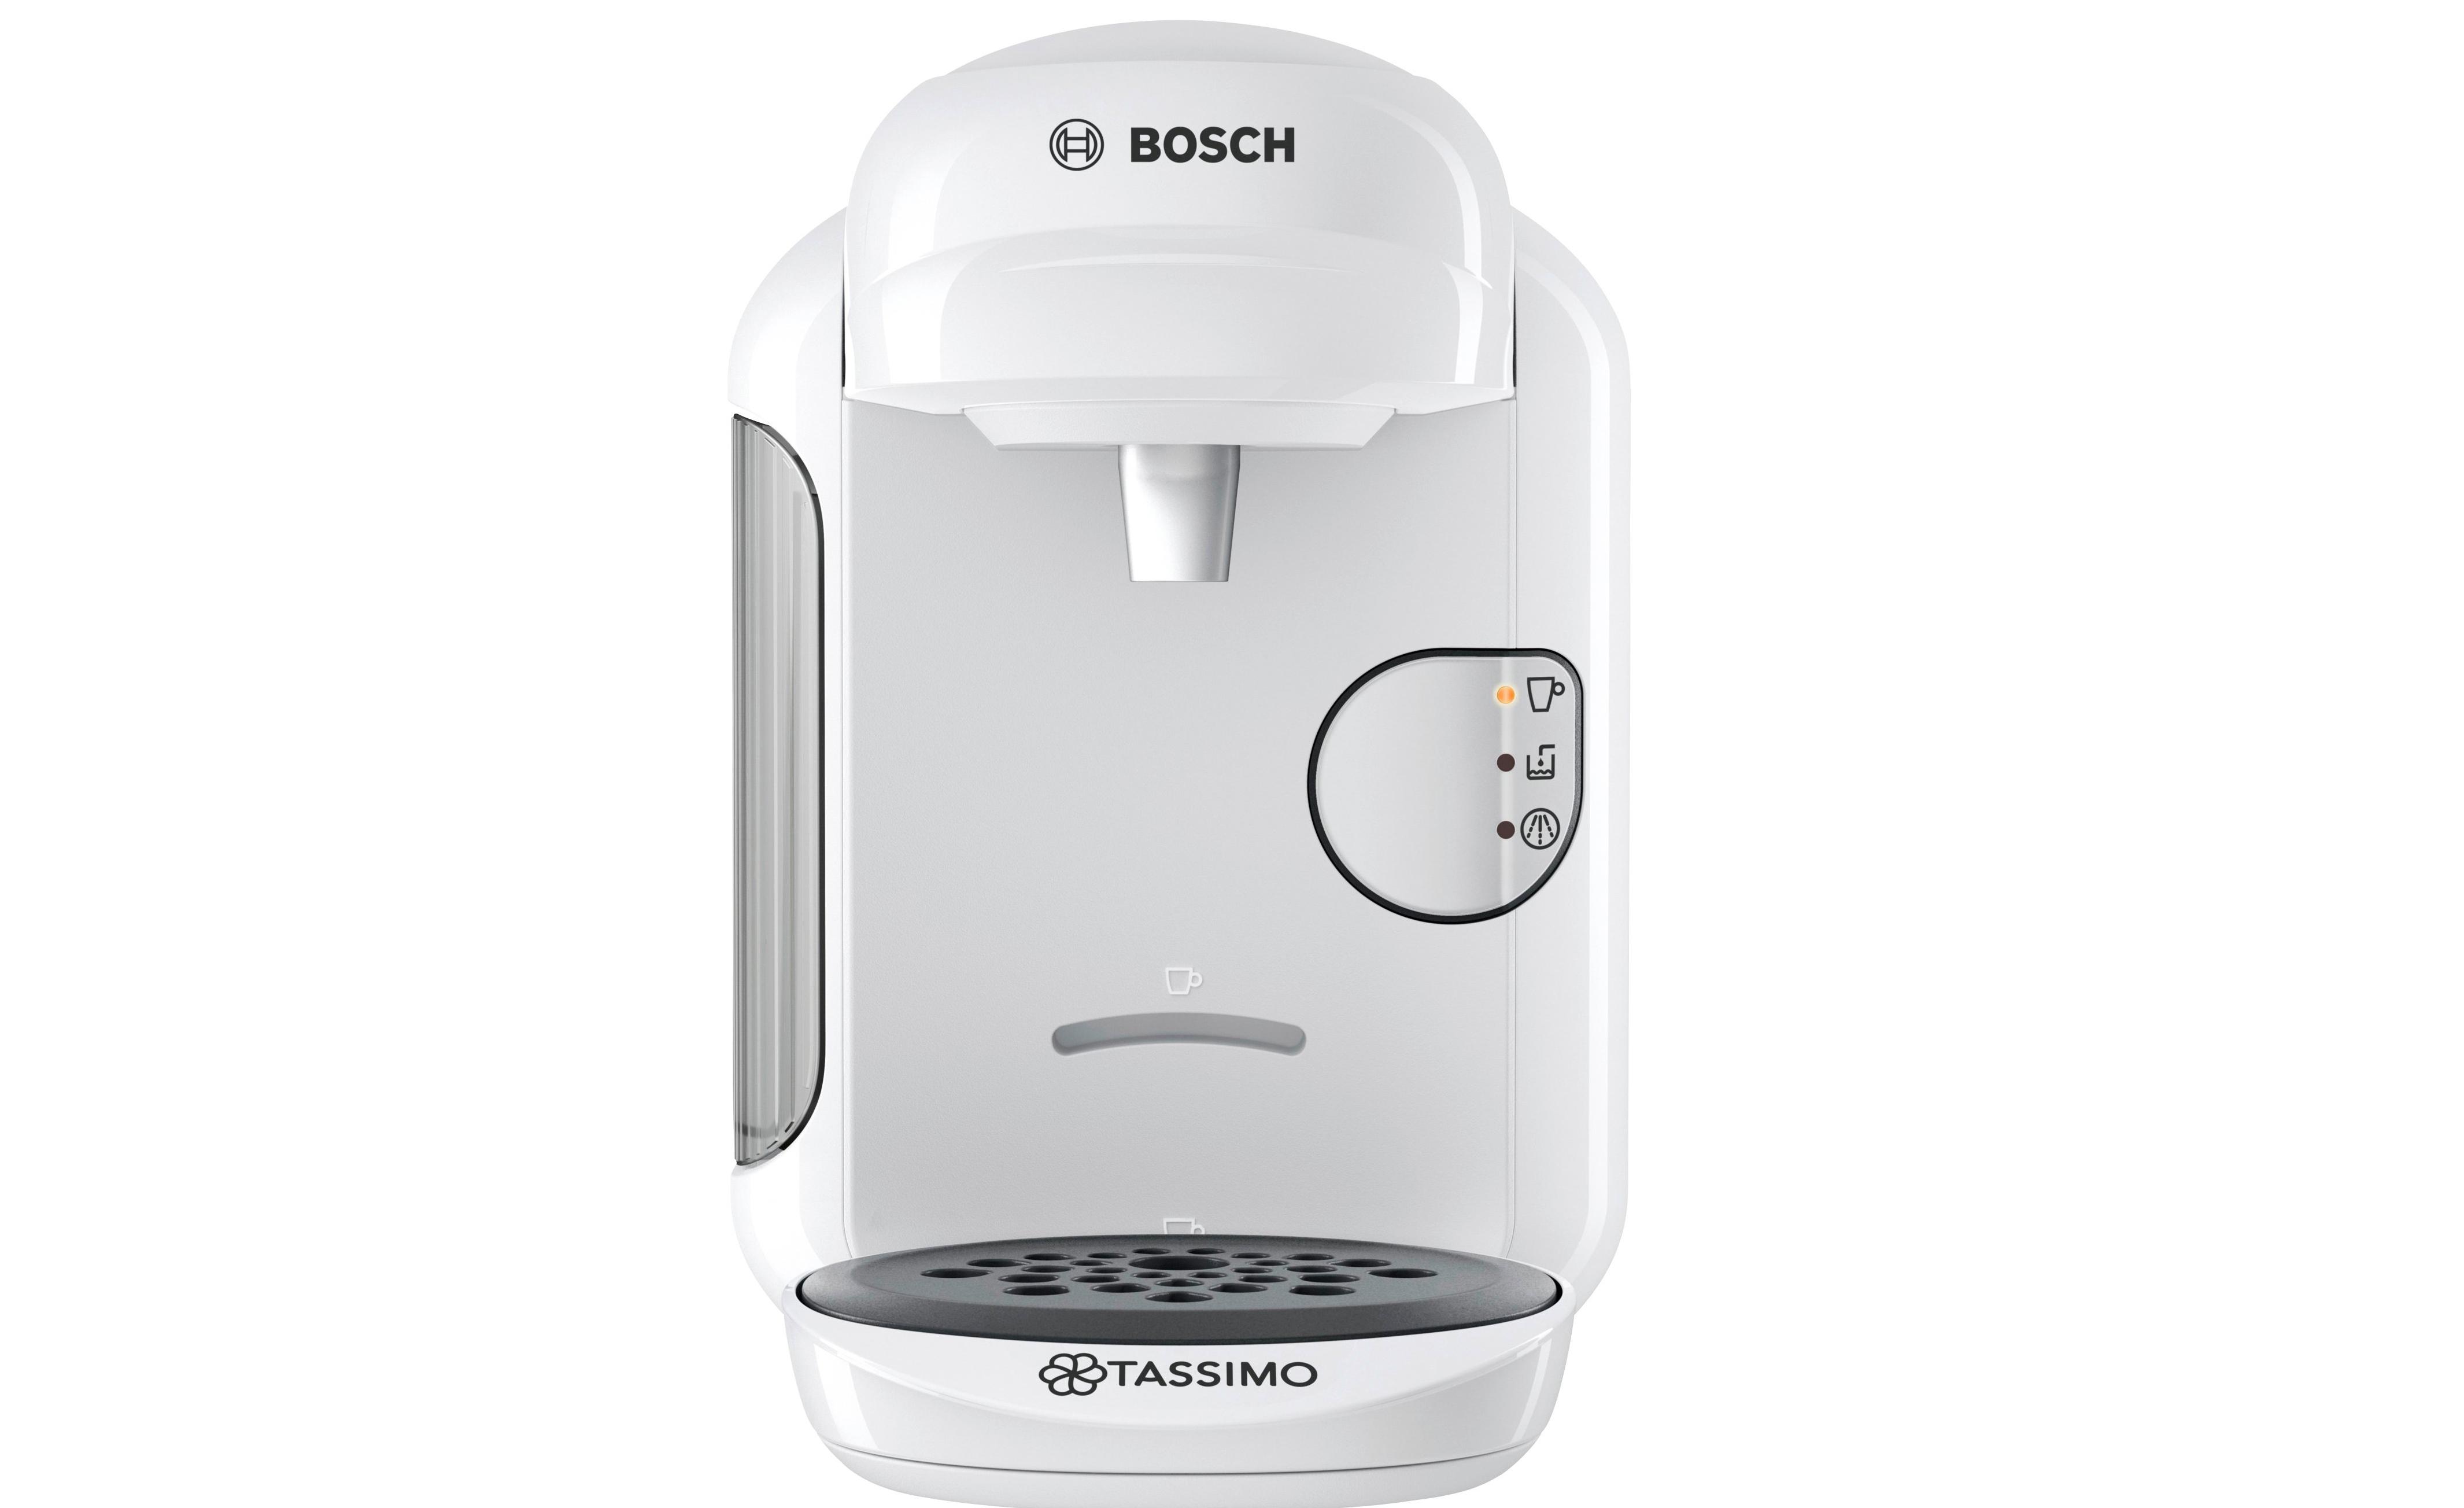 Bosch TAS 1401/1402/1403/1404/1407 Tassimo